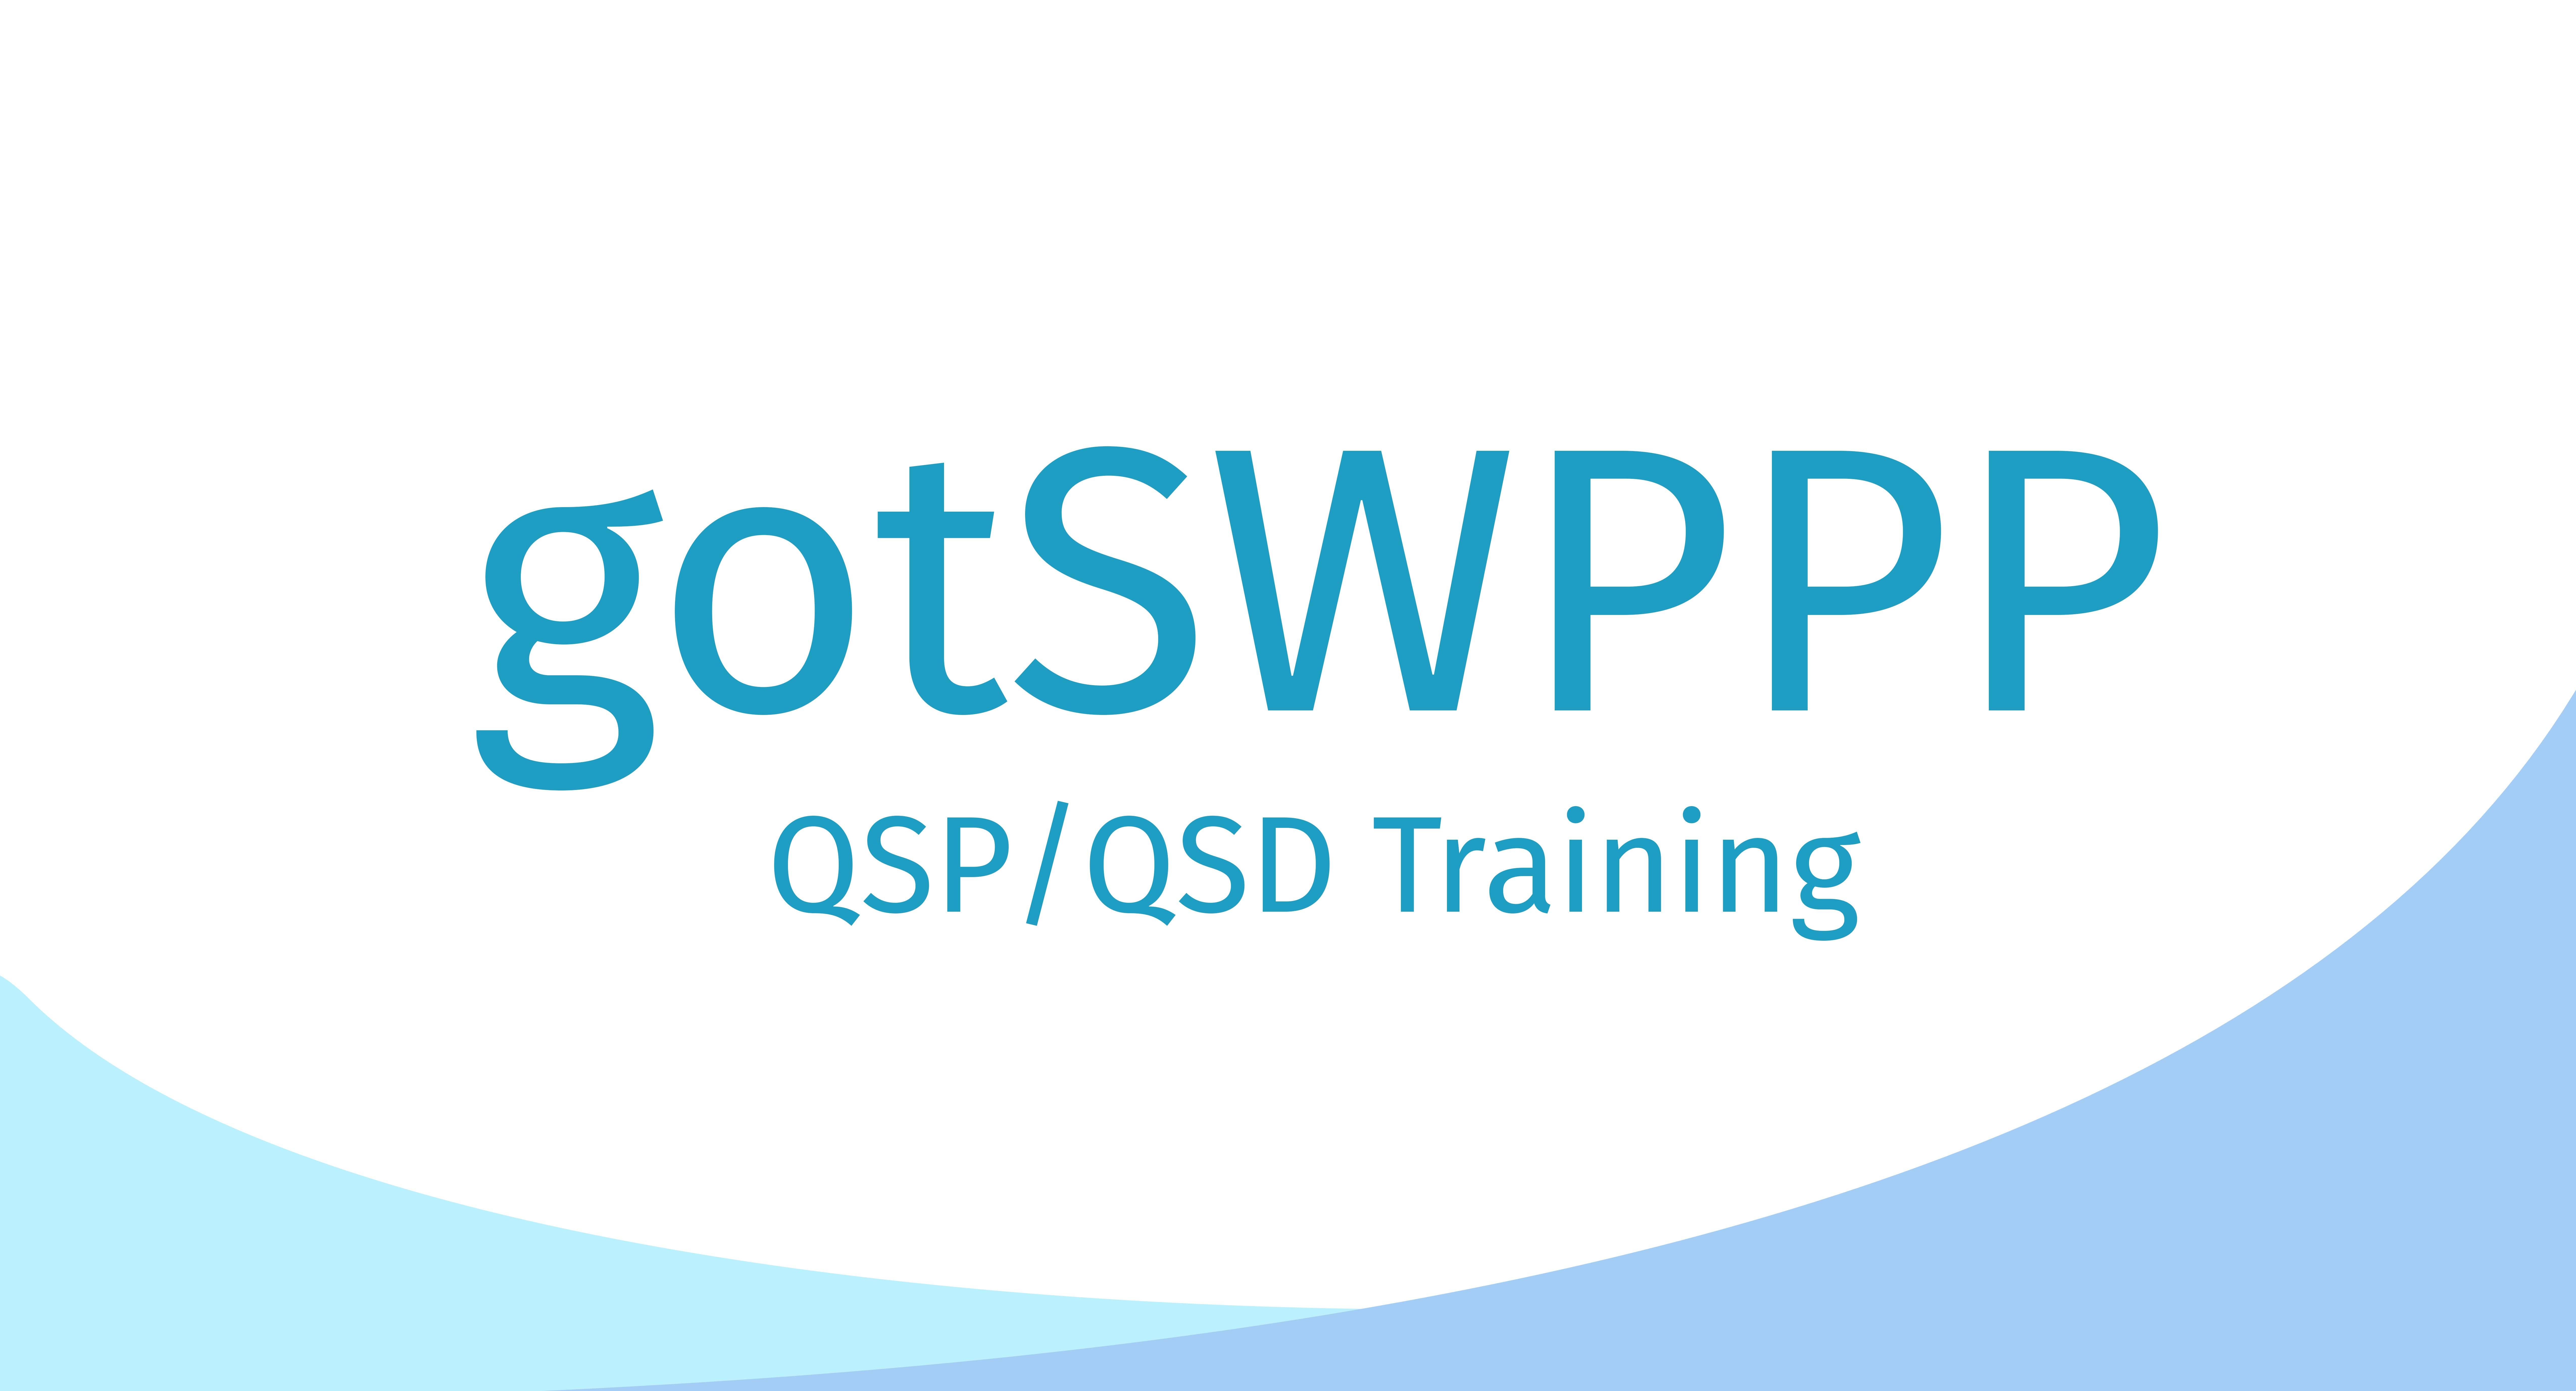 QSP/QSD Certification Course – April 2-4, 2019